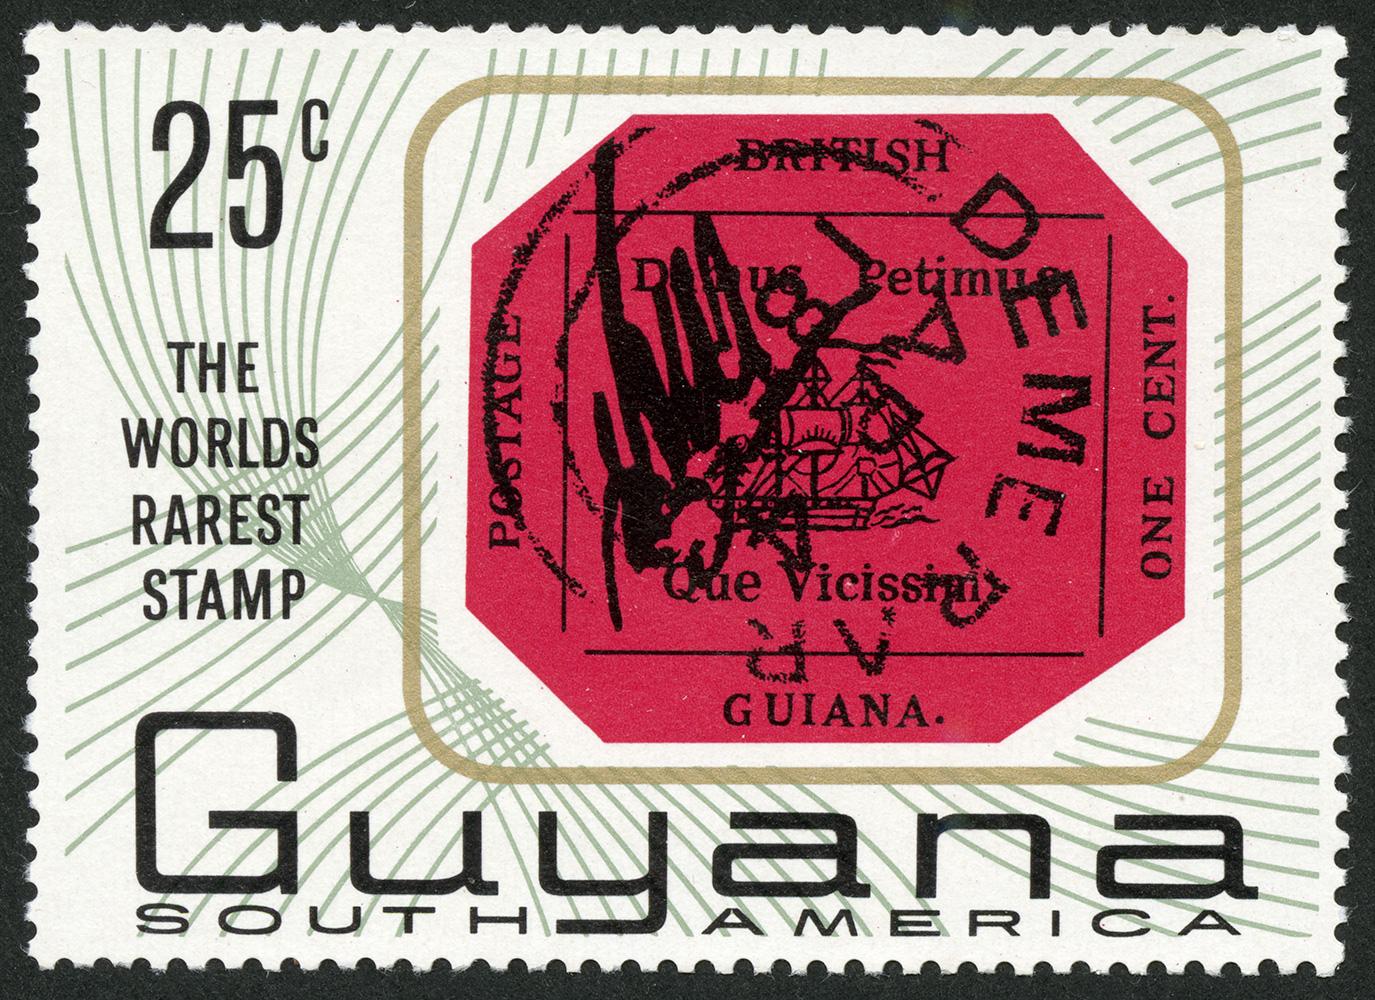 Le timbre de l'ex-colonie britannique du Guyana dont il ne reste qu'un seul exemplaire est incroyable par sa rareté et son parcours rocambolesque